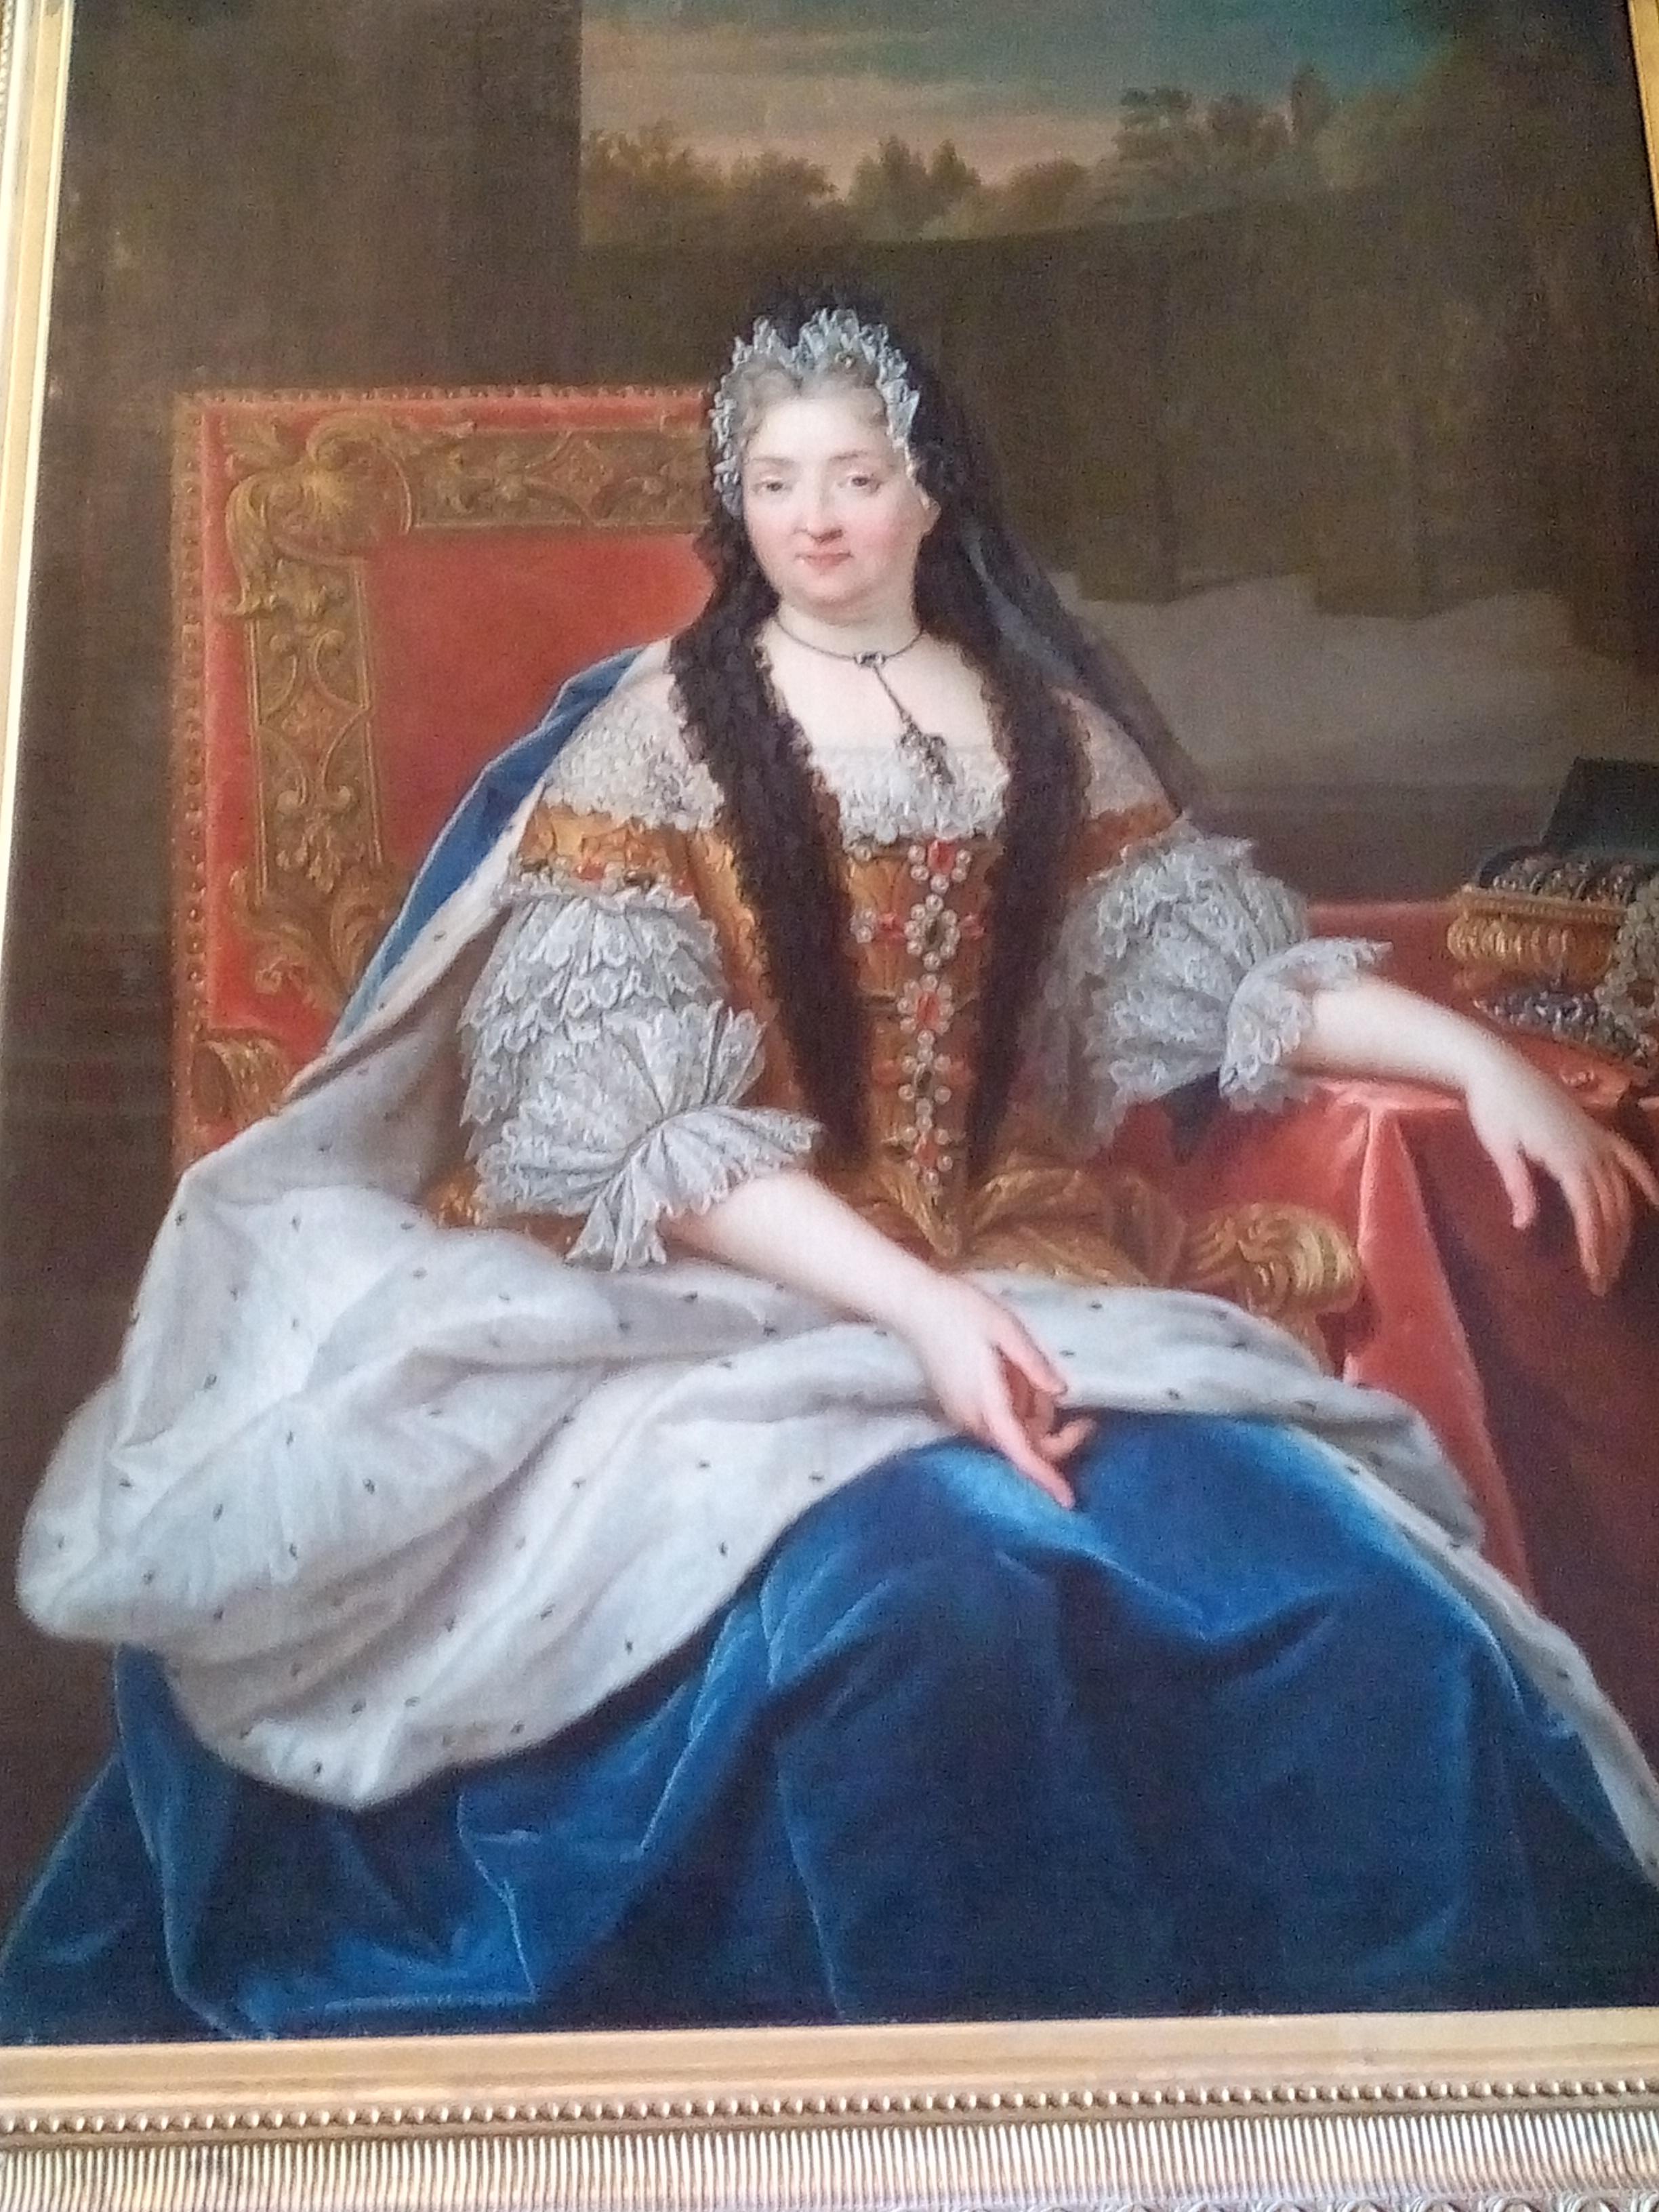 Château de Versailles, aile Nord, 1717, Charlotte de La Mothe-Houdancourt, duchesse de Ventadour